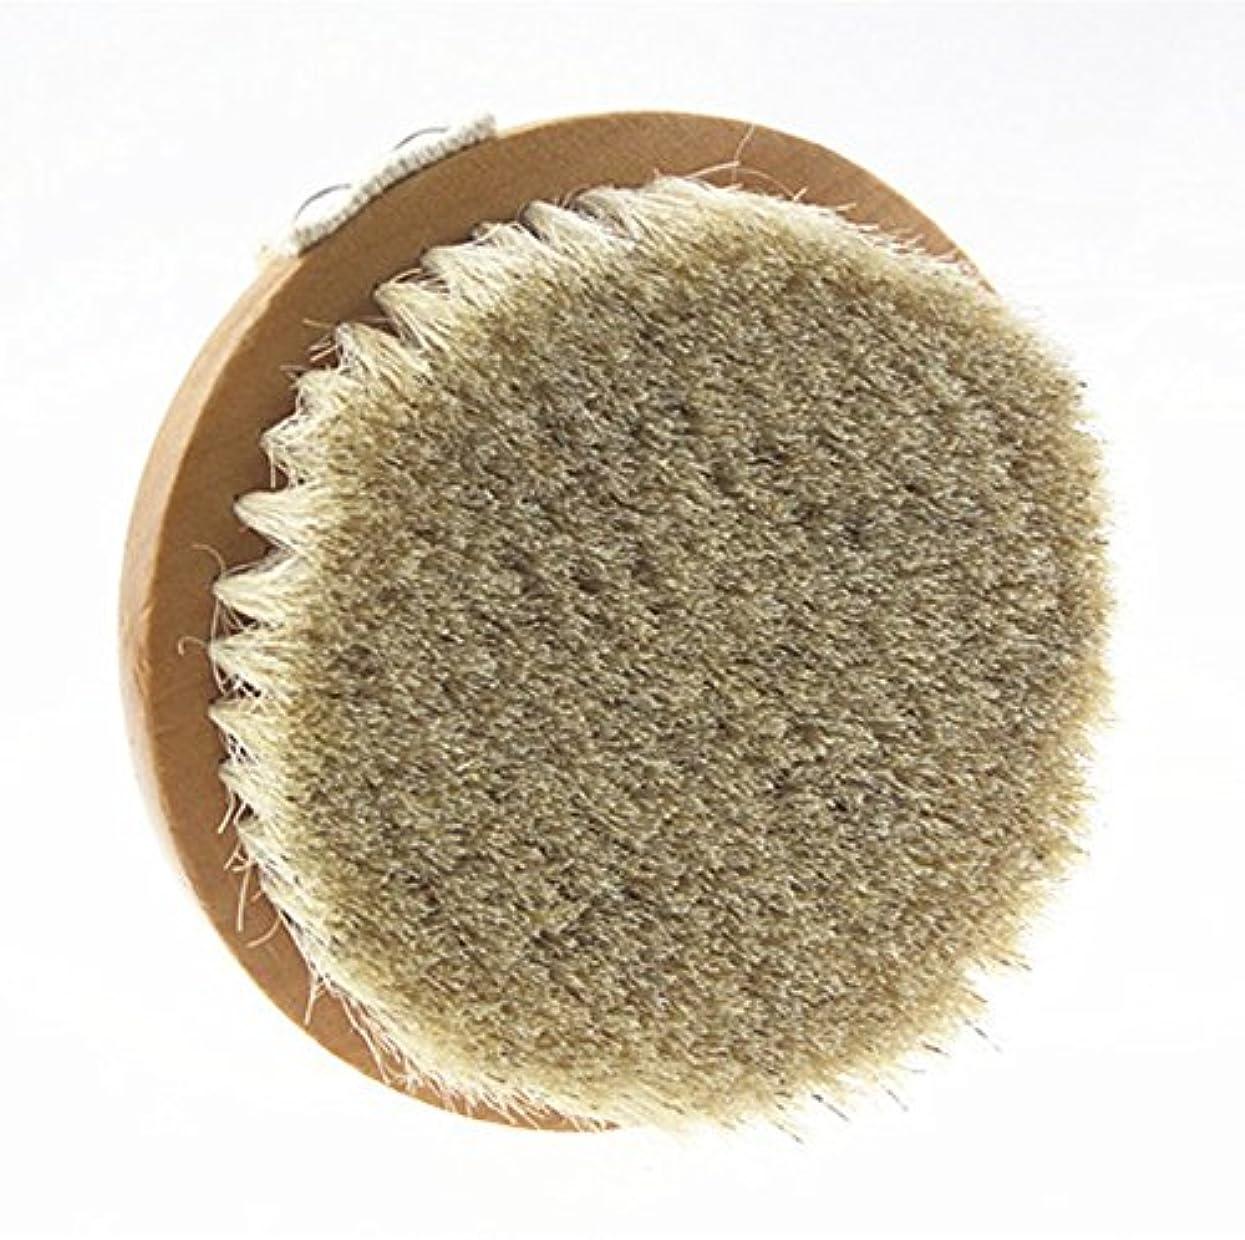 下位カバー端Sweetimes ボディブラシ 丸型 高級な馬毛100% 角質除去 バス用品 天然素材 低刺激 No.20-1